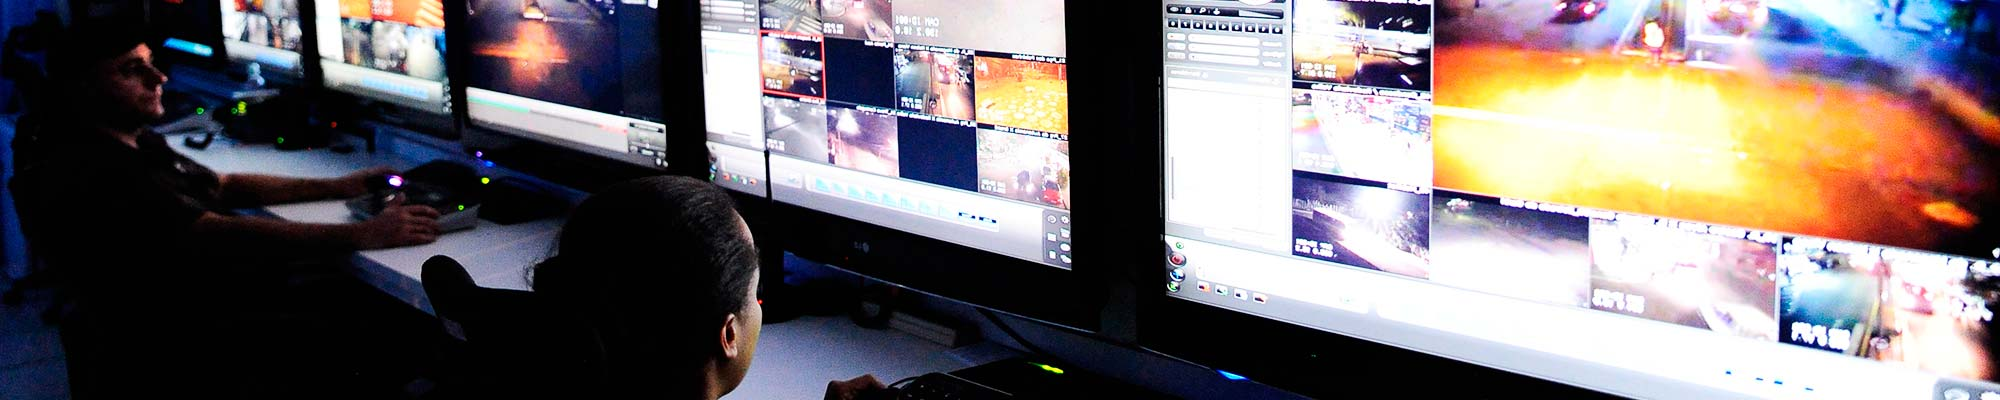 soltelecom-monitoramento